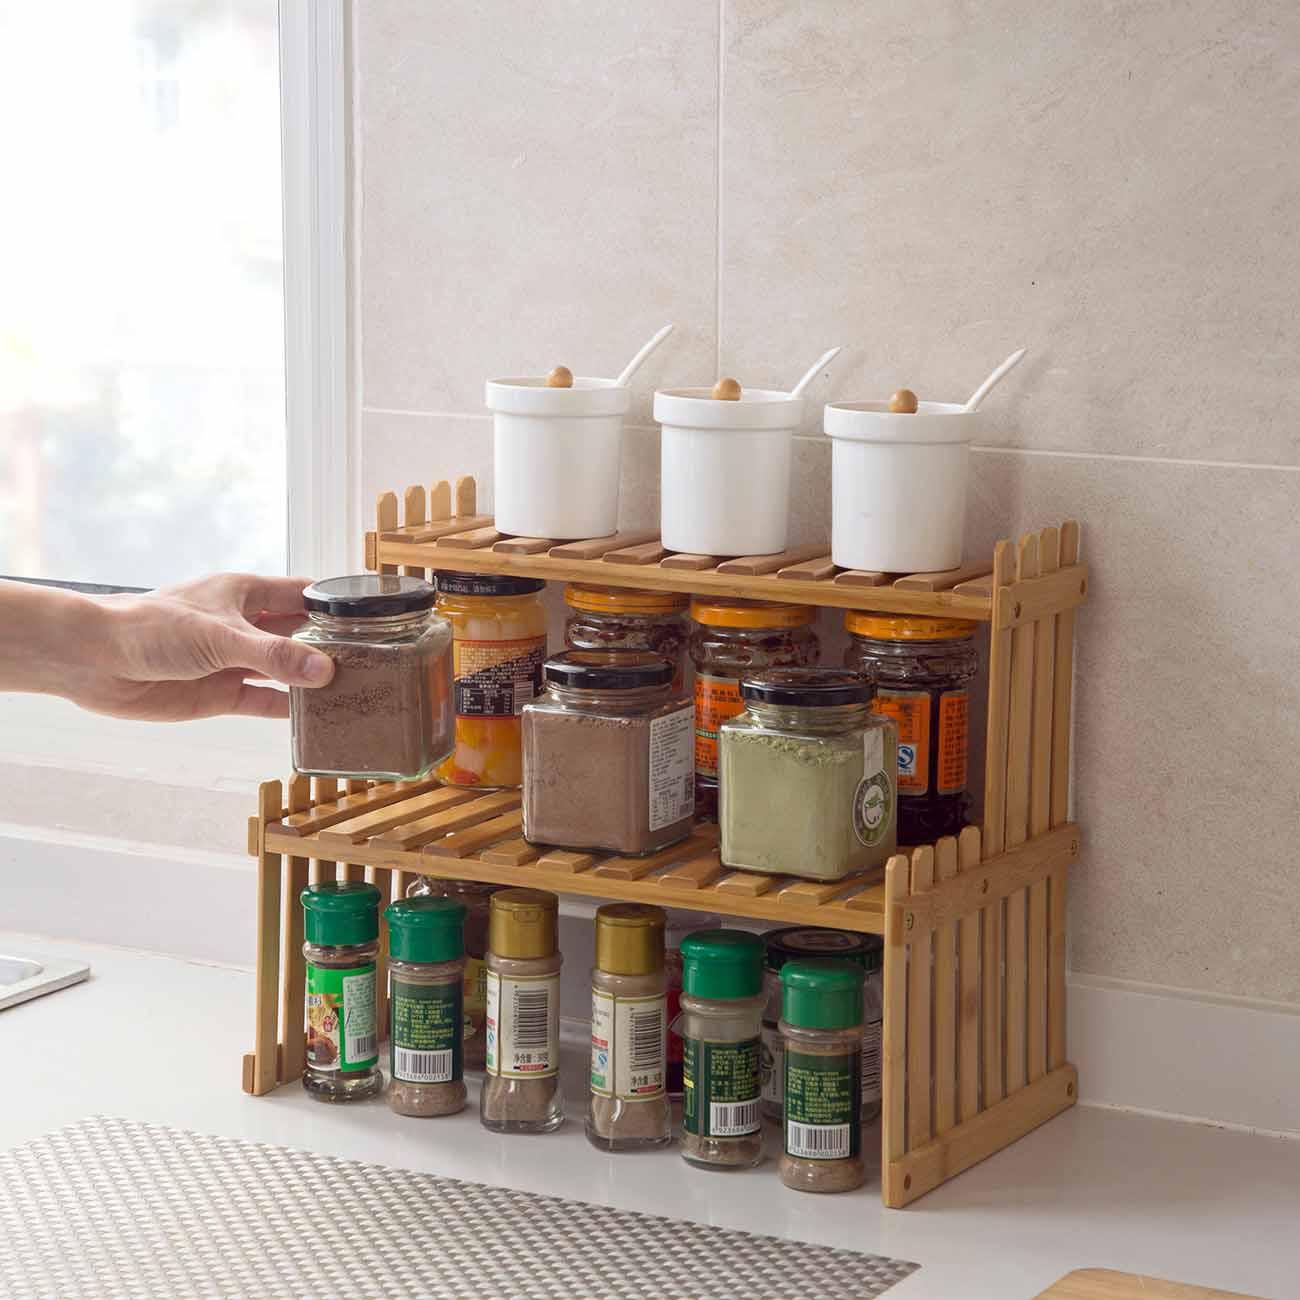 2 طبقات الخيزران تخزين الرف المطبخ برطمان توابل زجاجة التوابل رف الديكور المنظم الرف رفوف سطح المكتب المنزل